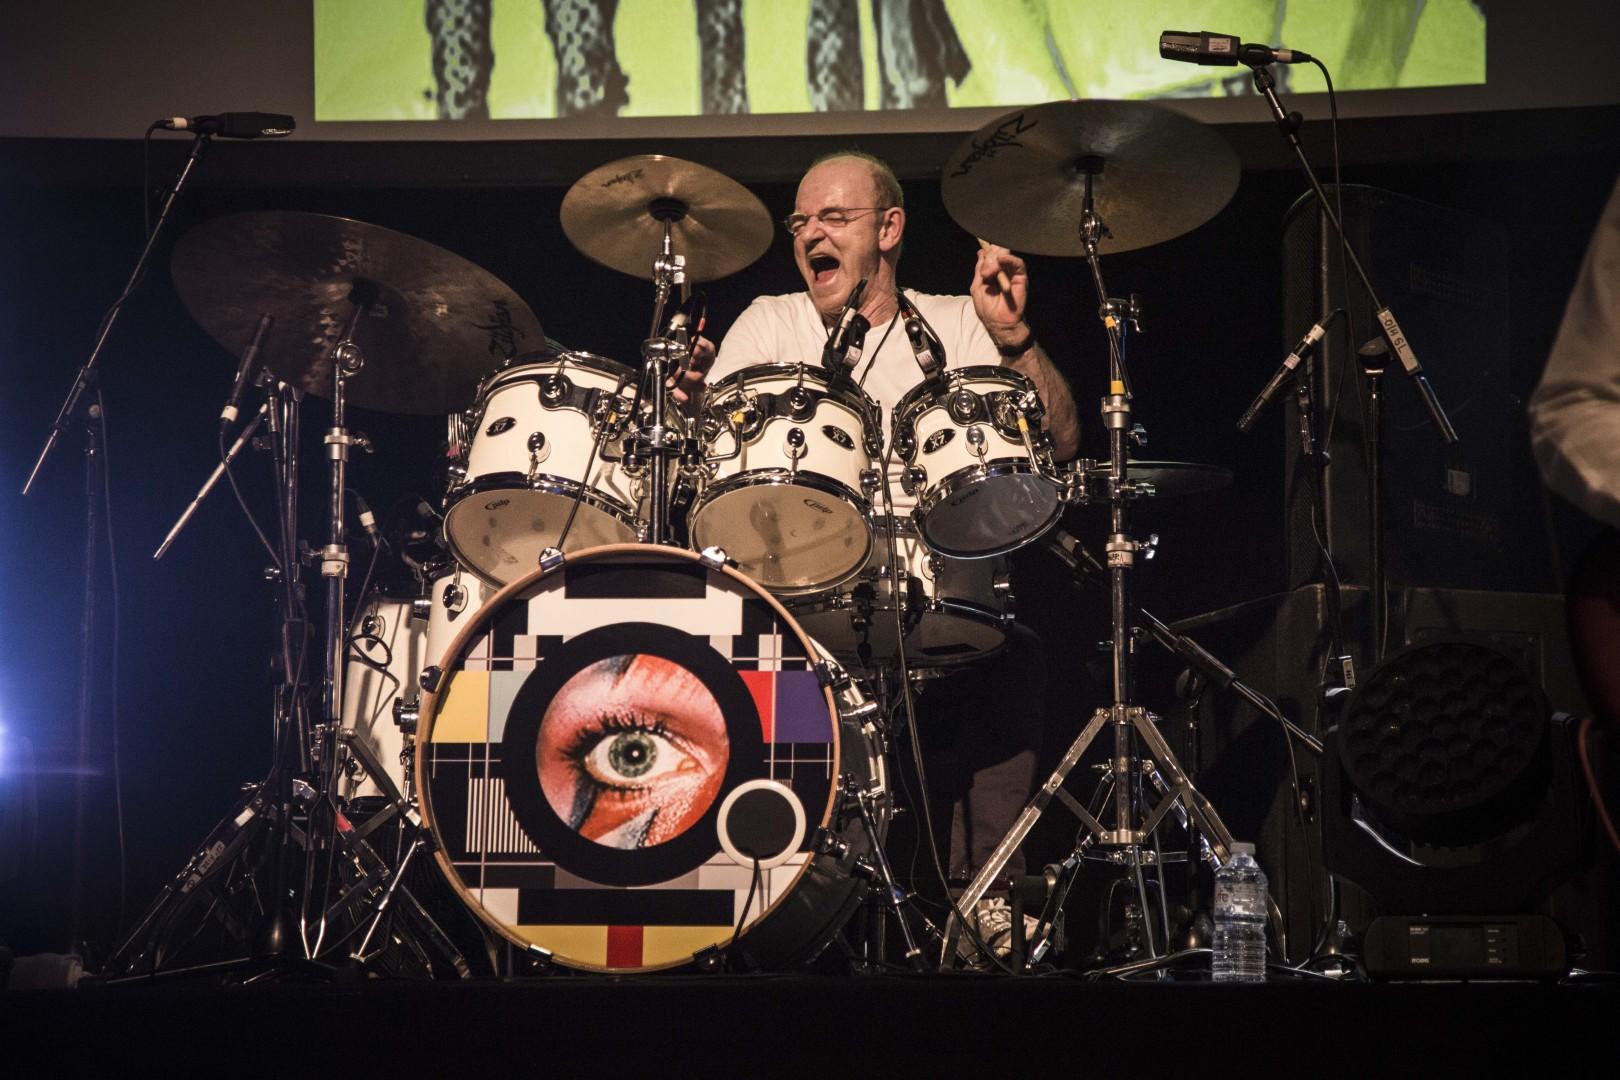 Woody Woodmansey On Drums